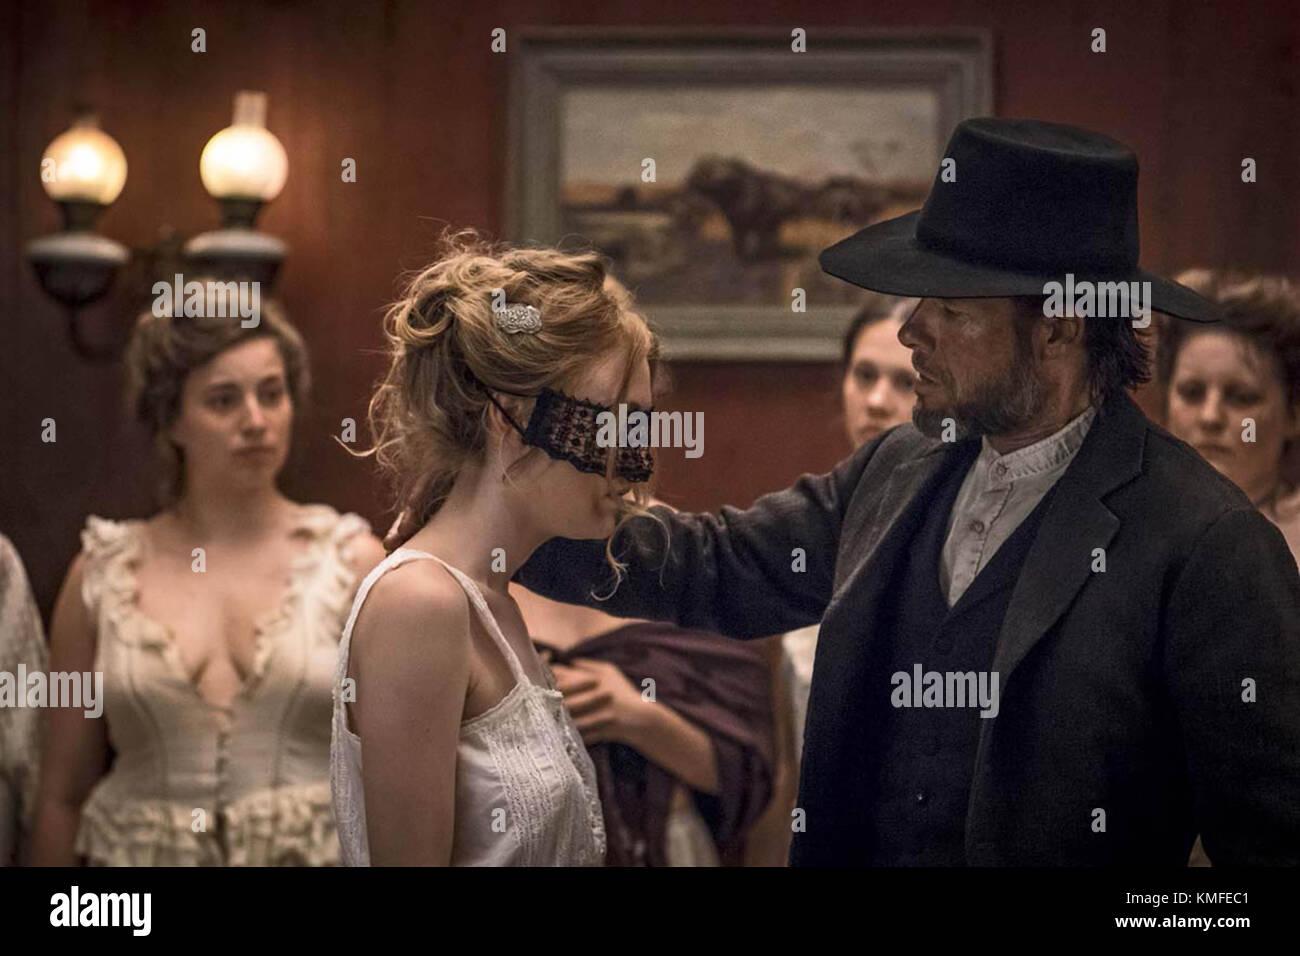 FILM STILL - Stock Image